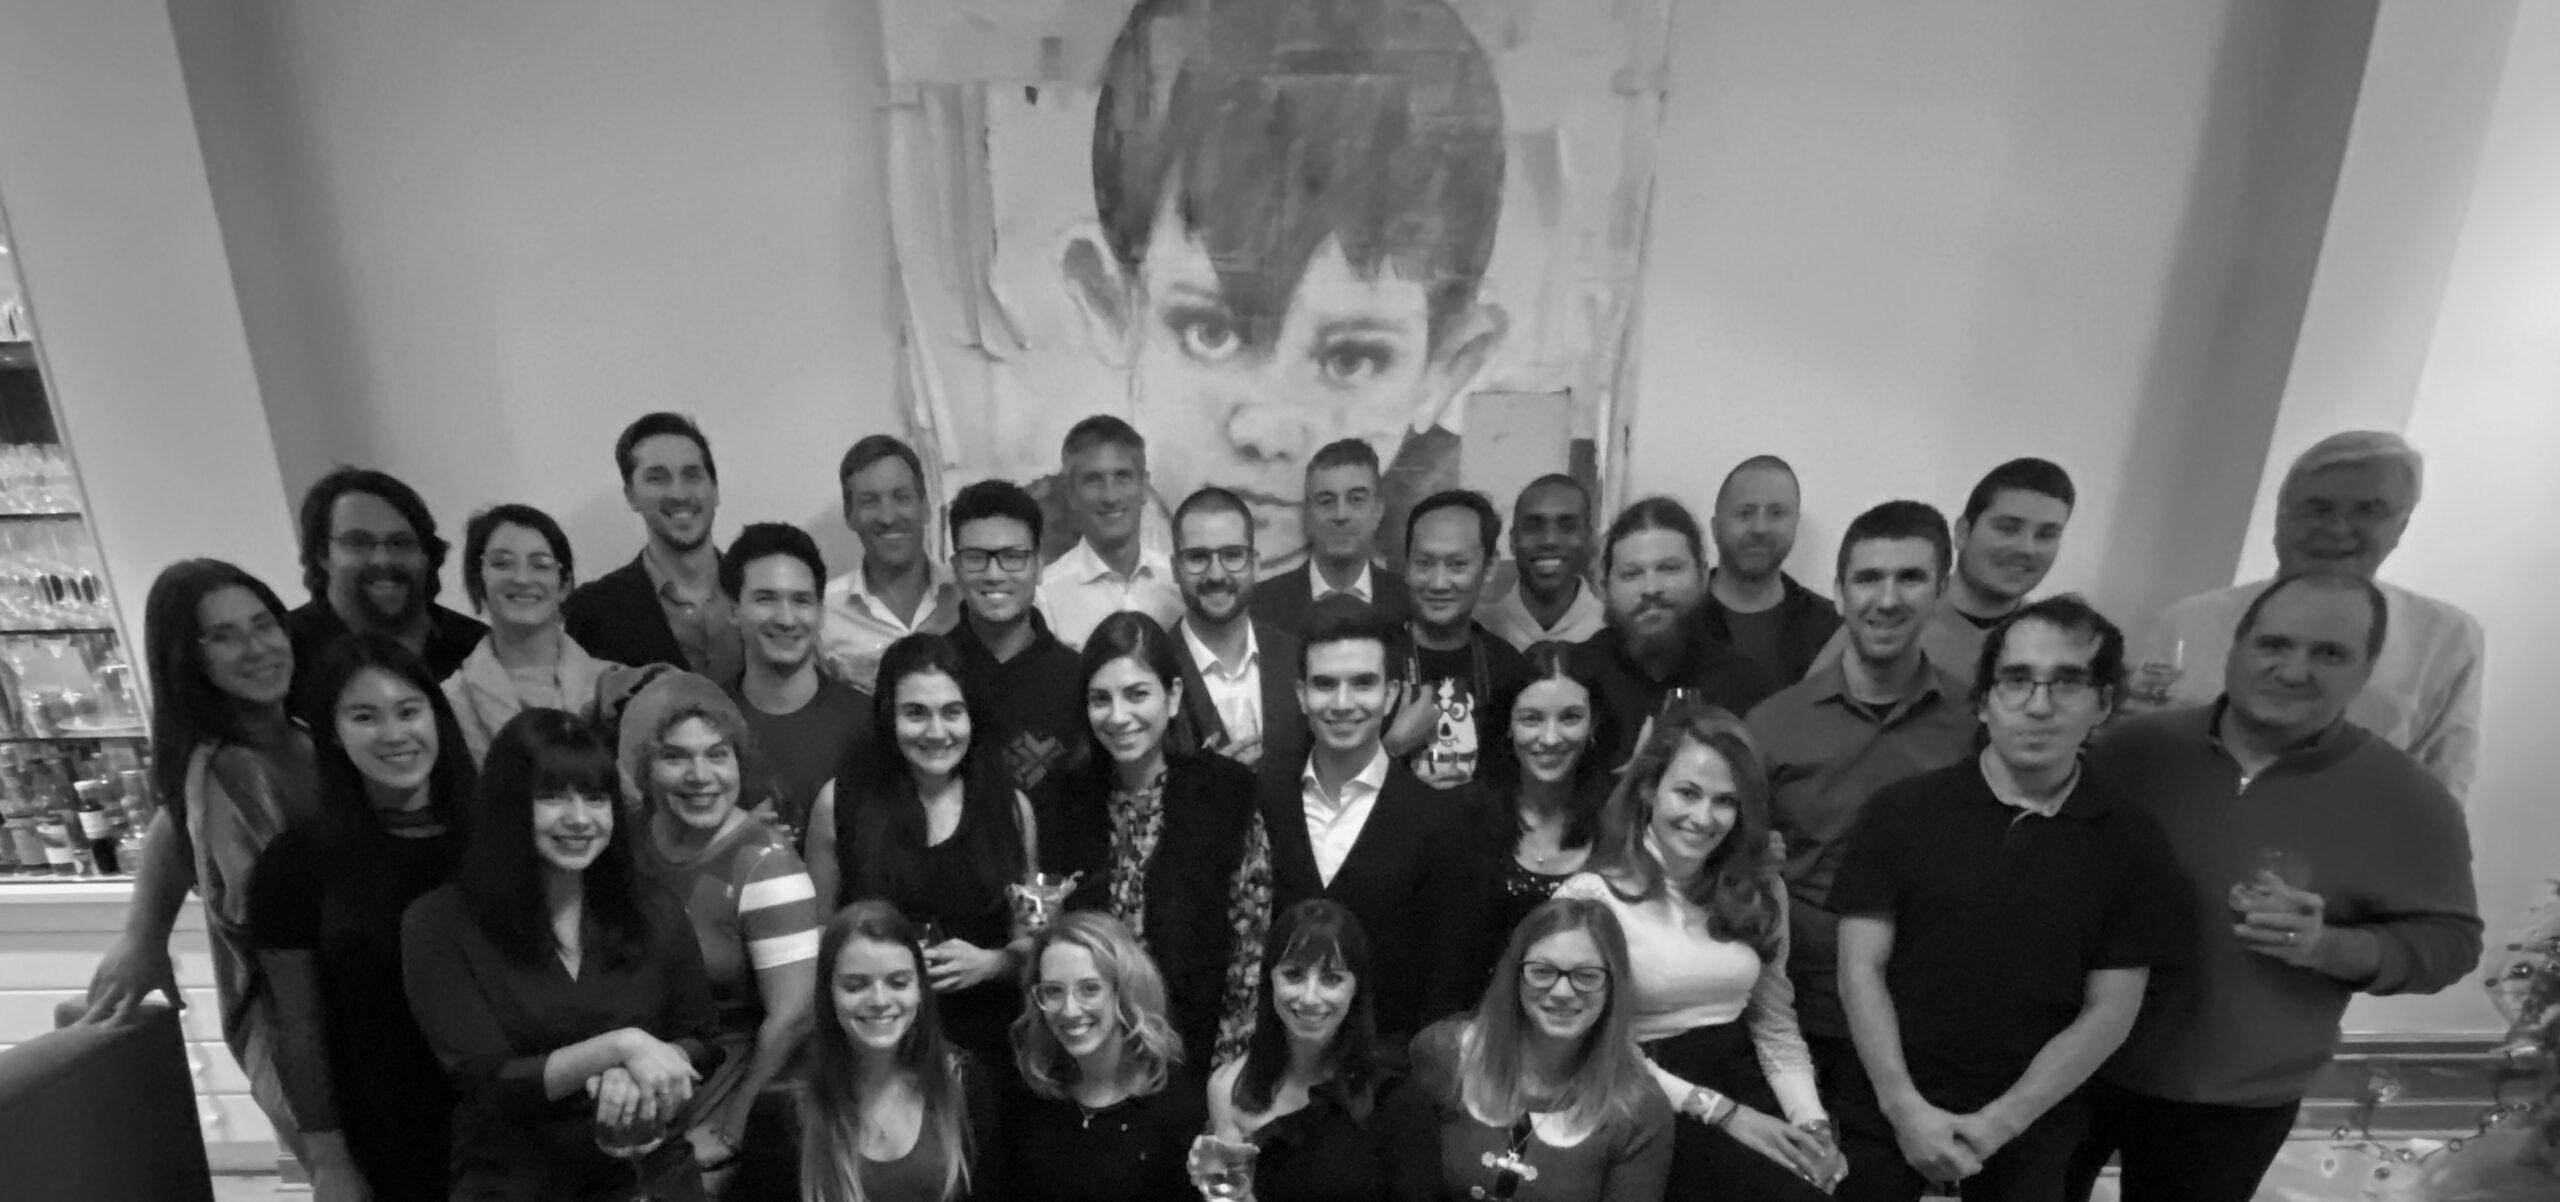 SuccessFinder Team